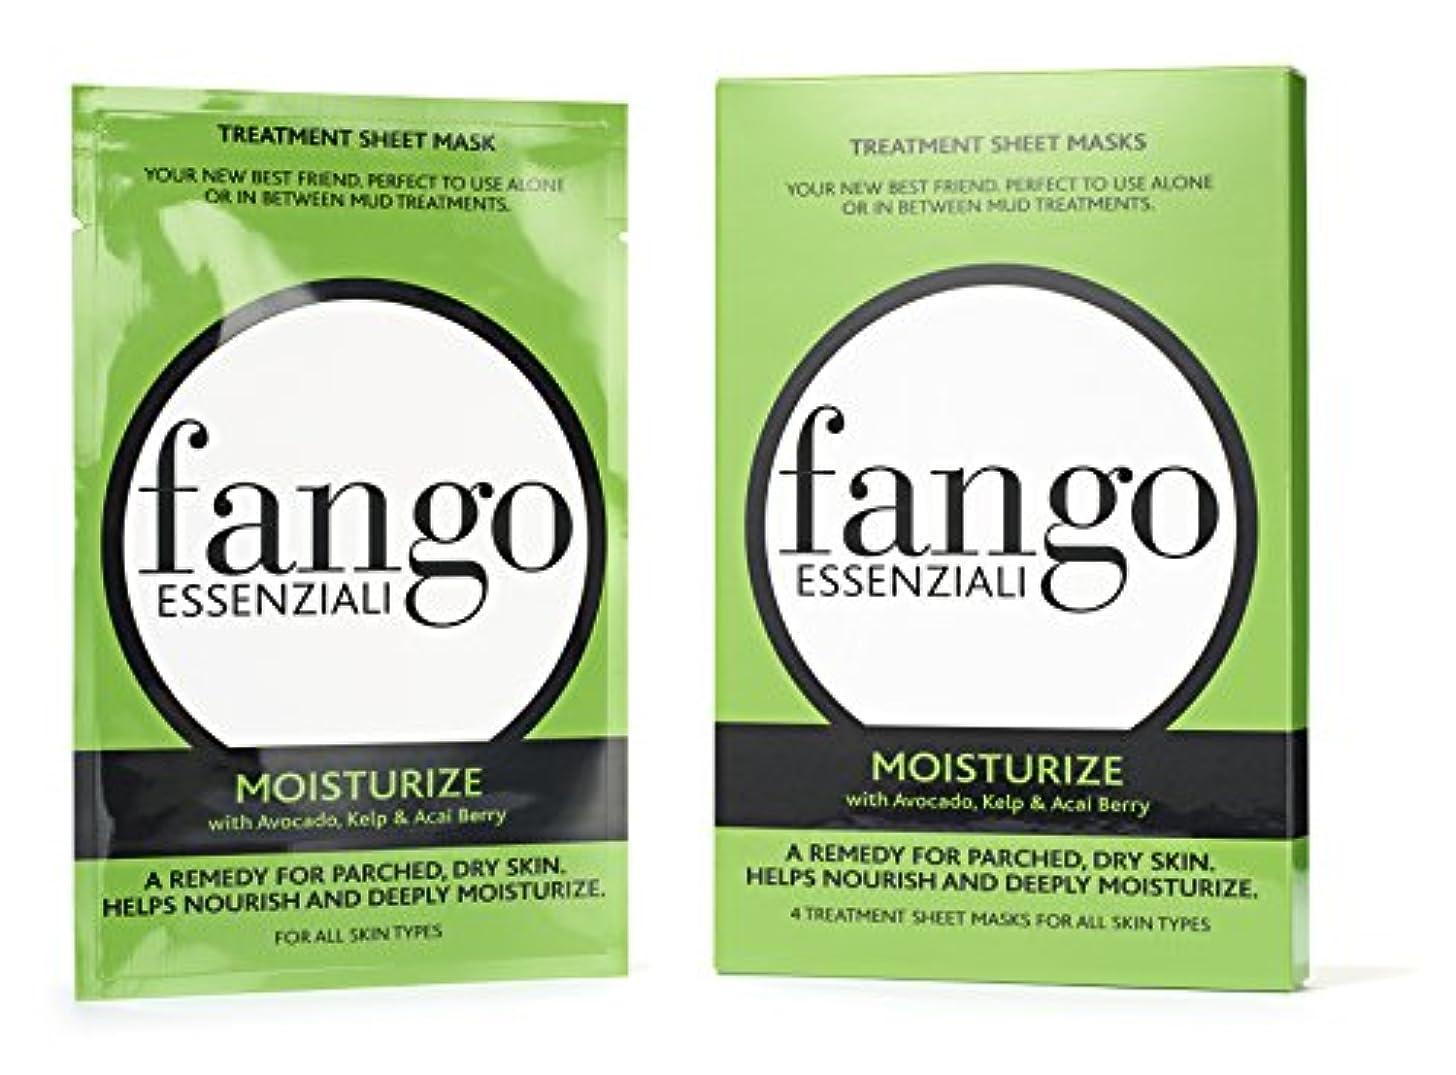 悔い改め視力インフレーションボルゲーゼ Fango Essenziali Moisturize Treatment Sheet Masks 4x25ml/0.83oz並行輸入品